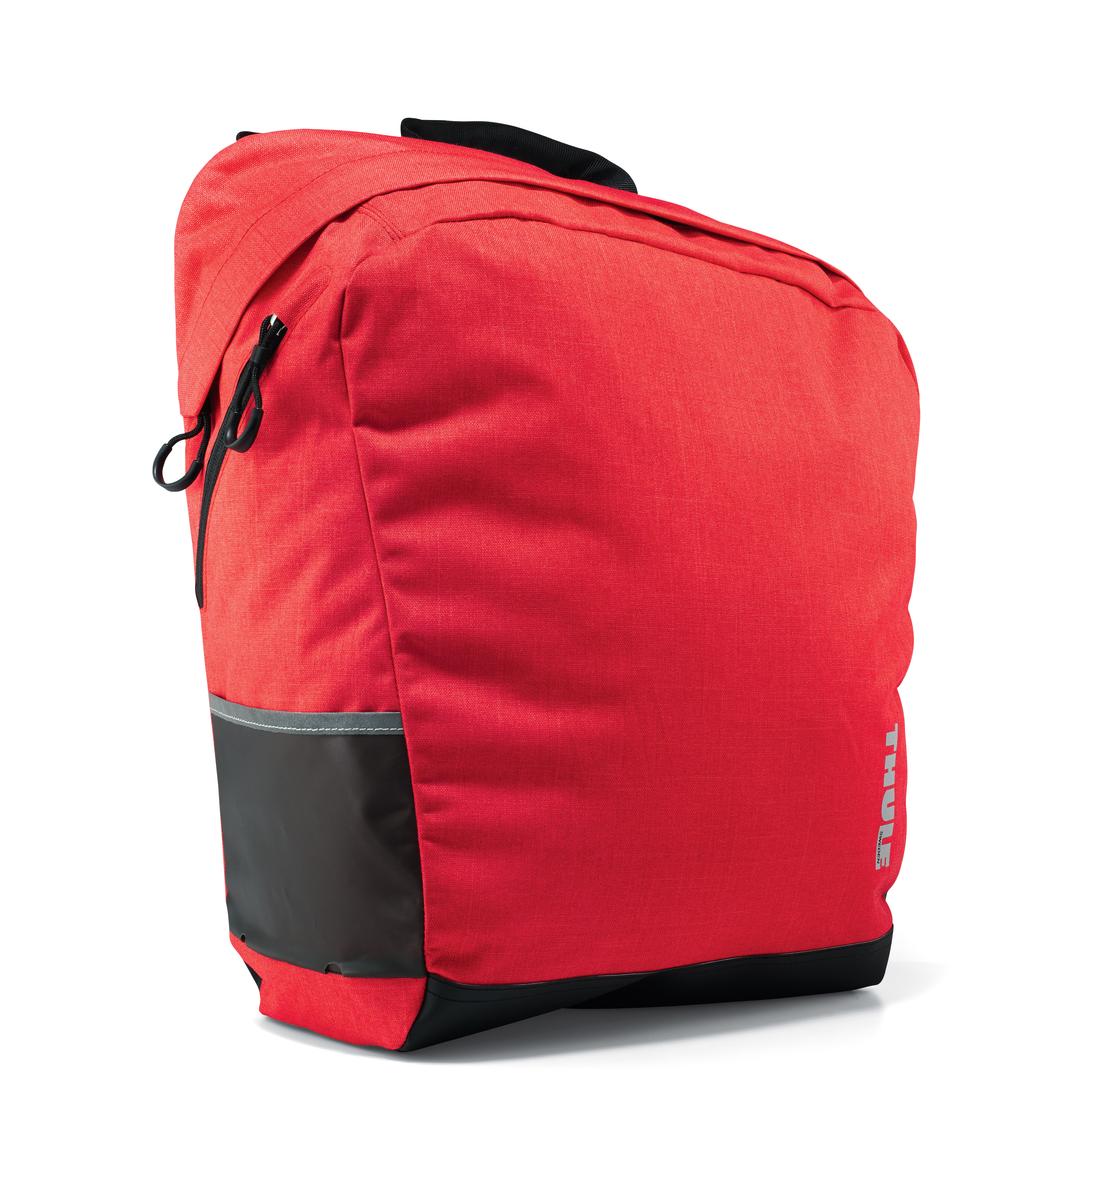 Сумка городская Thule Pack n Pedal Tote, цвет: красный, 20 x 30 x 40 смRivaCase 8460 blackВелосипедная сумка в городском стиле, идея которой была навеяна сумками для переноски грузов. Легко трансформируется в повседневную сумку с удобными ручками или ремнем через плечо. Широкий проем позволяет удобно помещать внутрь крупные вещи. Крепления-невидимки легко отщелкиваются при переноске без велосипеда для максимального удобства переноски. Система крепления проста в использовании, безопасна и имеет малый уровень вибрации. Внешние прозрачные кармашки обеспечивают использование аварийного фонаря и хранение его в одном удобном месте. Боковой сетчатый карман для небольших предметов. Светоотражающие полоски повышают заметность на дороге. Встроенные ручки и отстегиваемый ремень для ношения через плечо обеспечивают несколько вариантов переноски. Устанавливается с любой стороны велосипеда. Лучше всего подходит для багажников Thule, но может использоваться практически с любым велосипедным багажником.